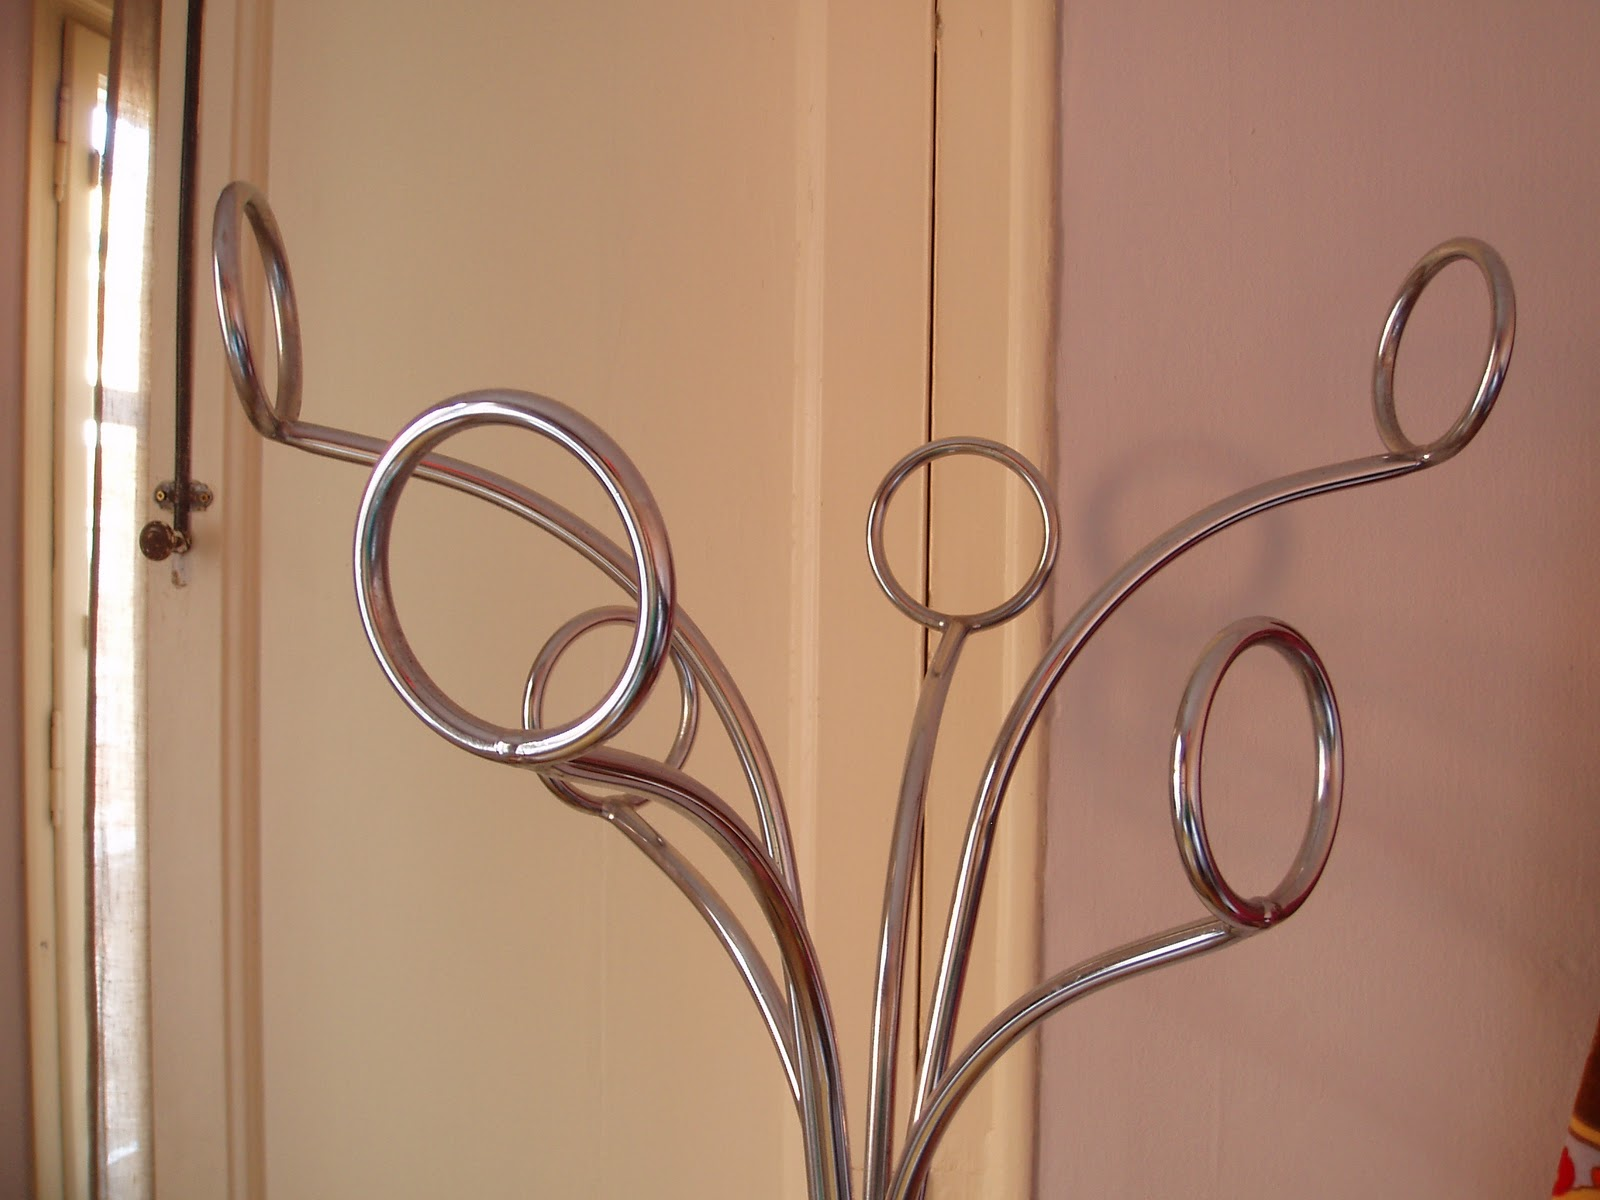 Vintagevictim perchero de acero cromado ref vv2529 - Percheros de acero ...